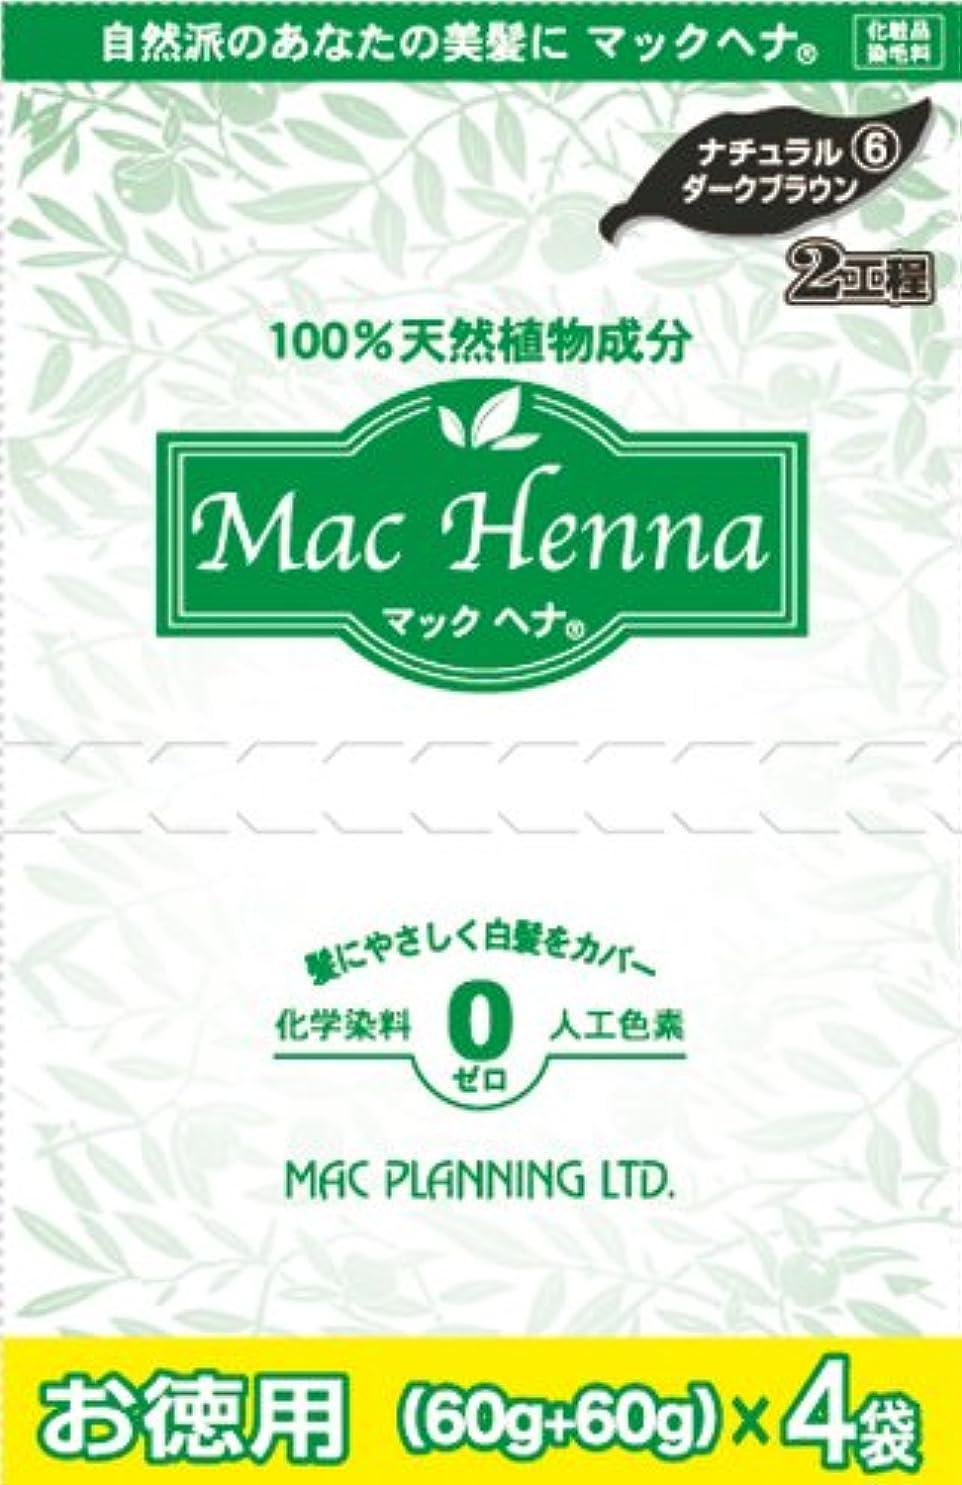 天然植物原料100% 無添加 マックヘナ お徳用(ナチュラルダークブラウン)-6  ヘナ240g(60g×4袋)?インディゴ240g(60g×4袋) 3箱セット